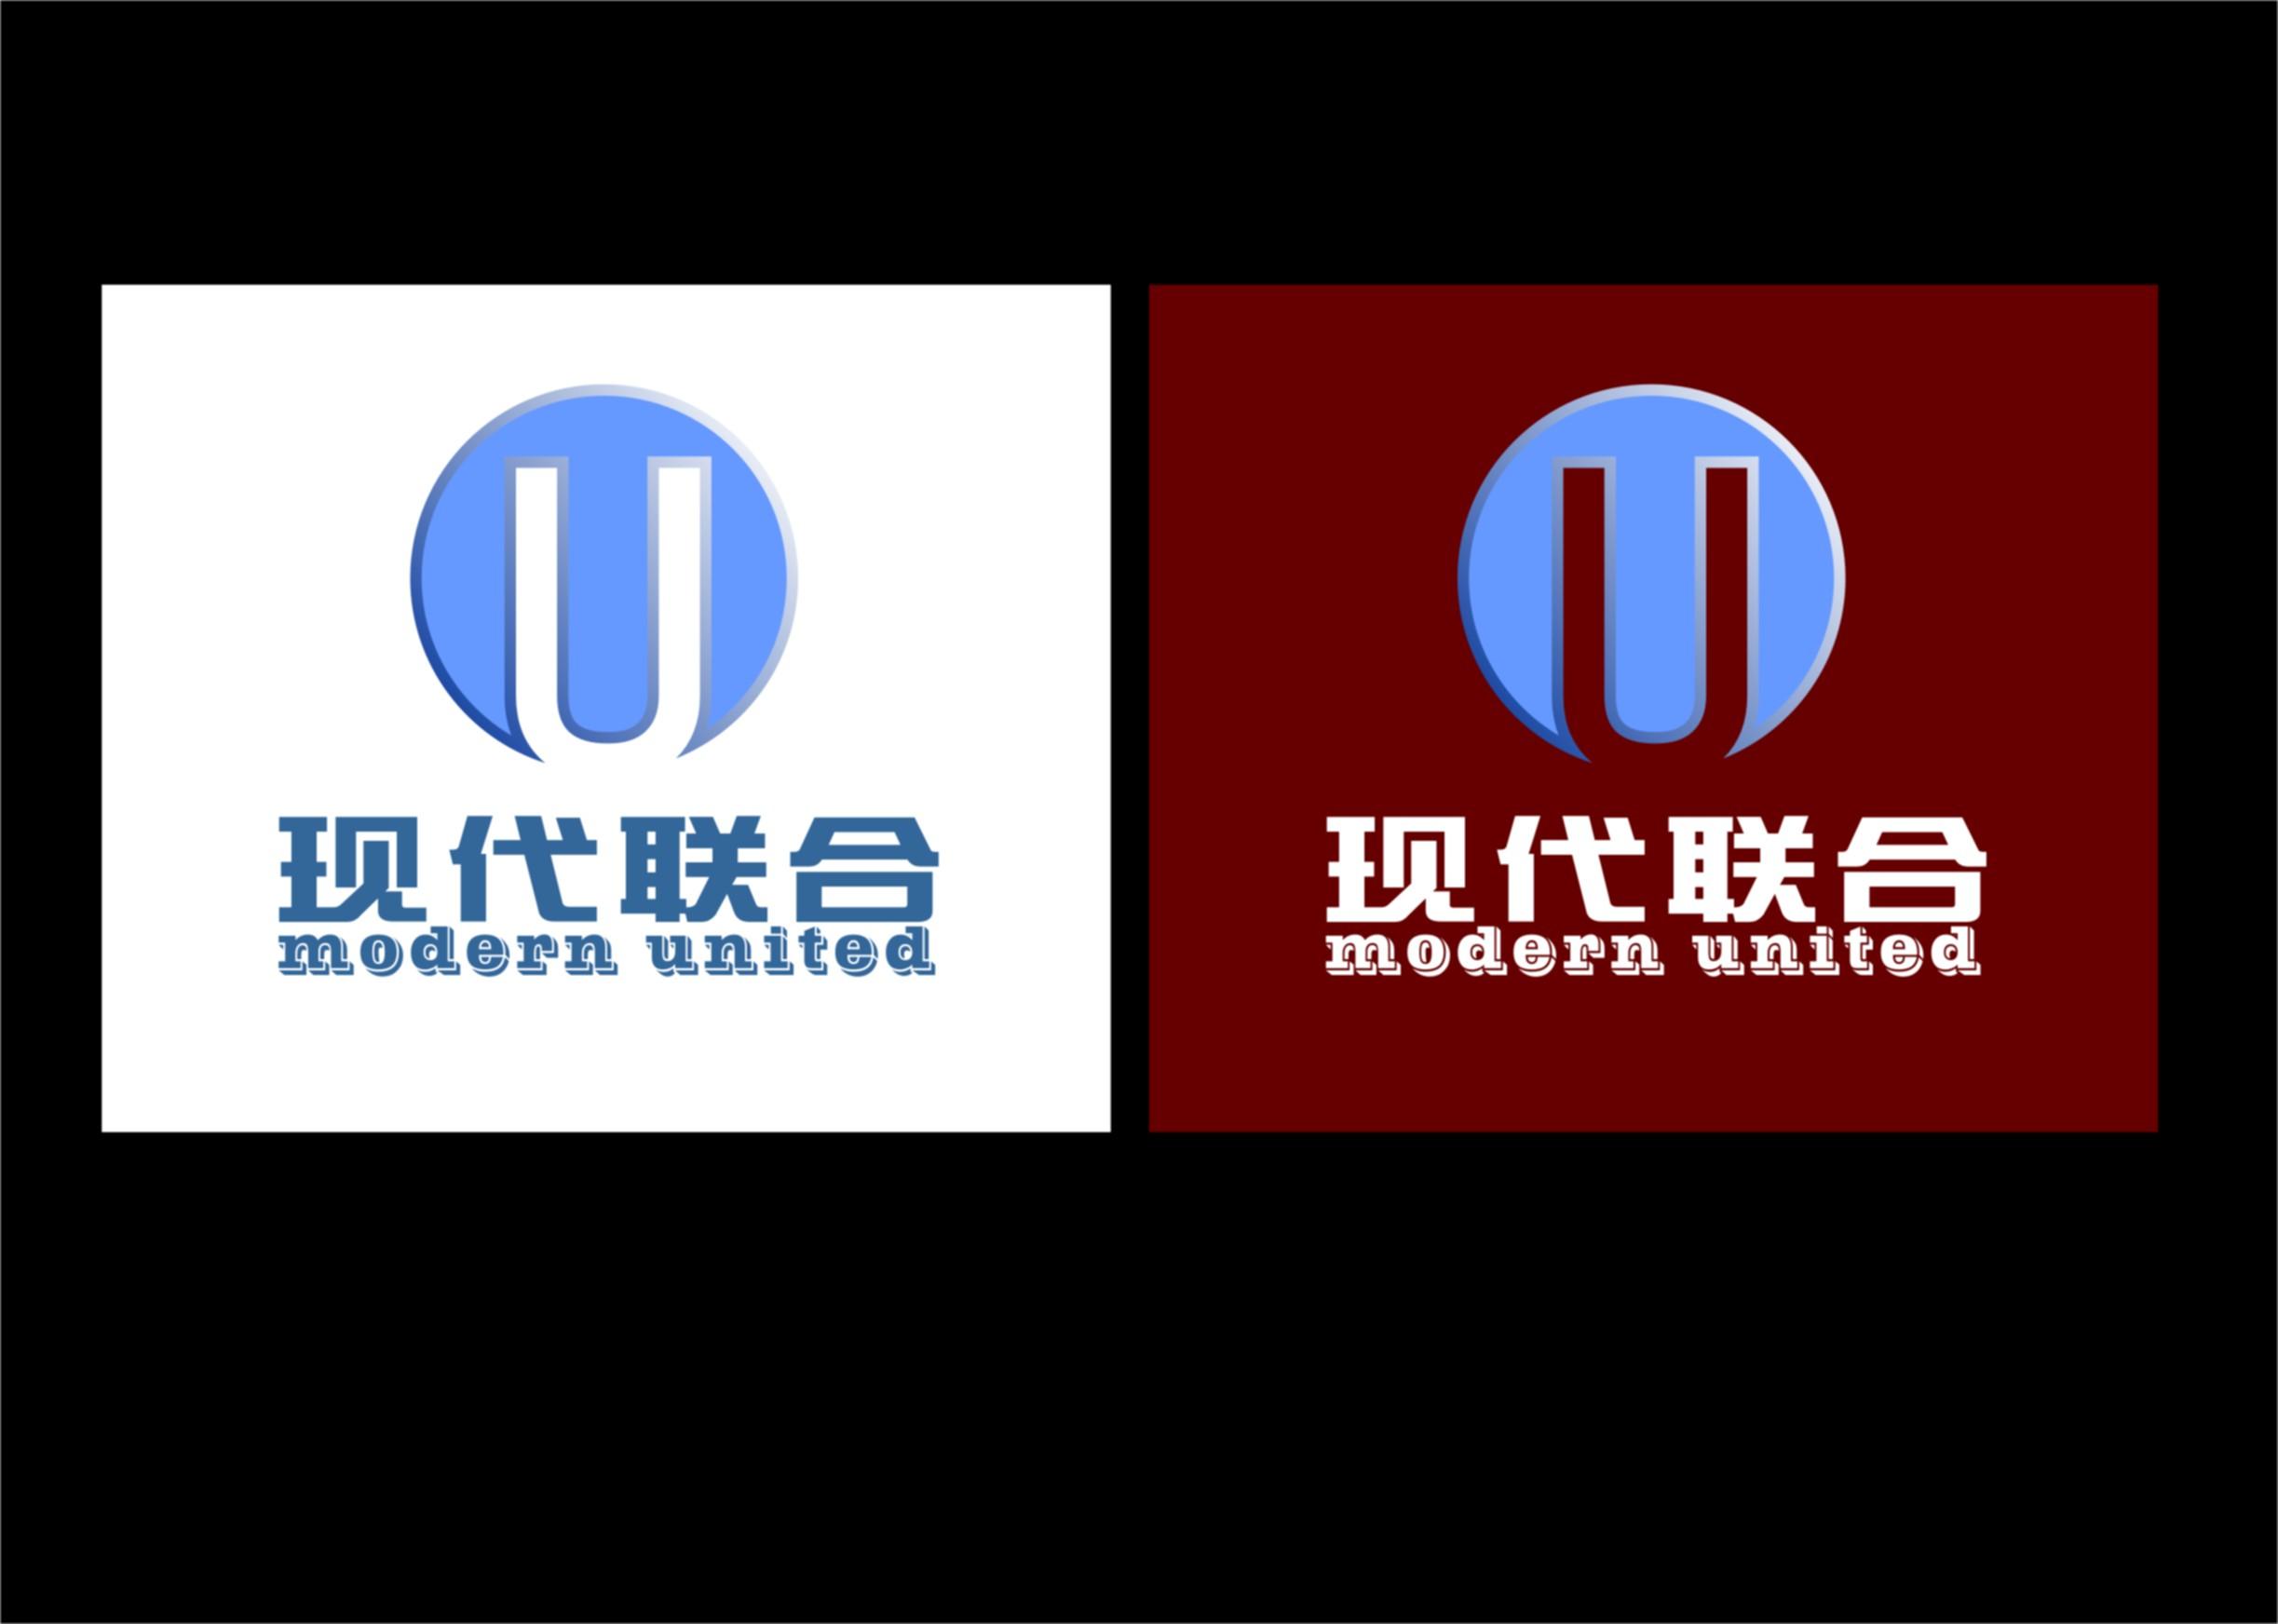 [公司简介: 现代联合市场管理(集团)有限公司(modern united market control company LTD)是经国家工商总局批准成立的无地域限制、跨行业、跨区域、跨国界的市场管理集团,其母公司现代联合控股集团是中国改革开放以后最早成立的民营企业之一,集商业、医药业、金融业(非银行)、文化产业等于一体,并首创中国专业市场连锁品牌中国•现代连锁。 公司以托管、非托管、并购、收购形式,未来5年内将在国内发展连锁市场200家,境外连锁市场10家,创造中国专业市场第一品牌。